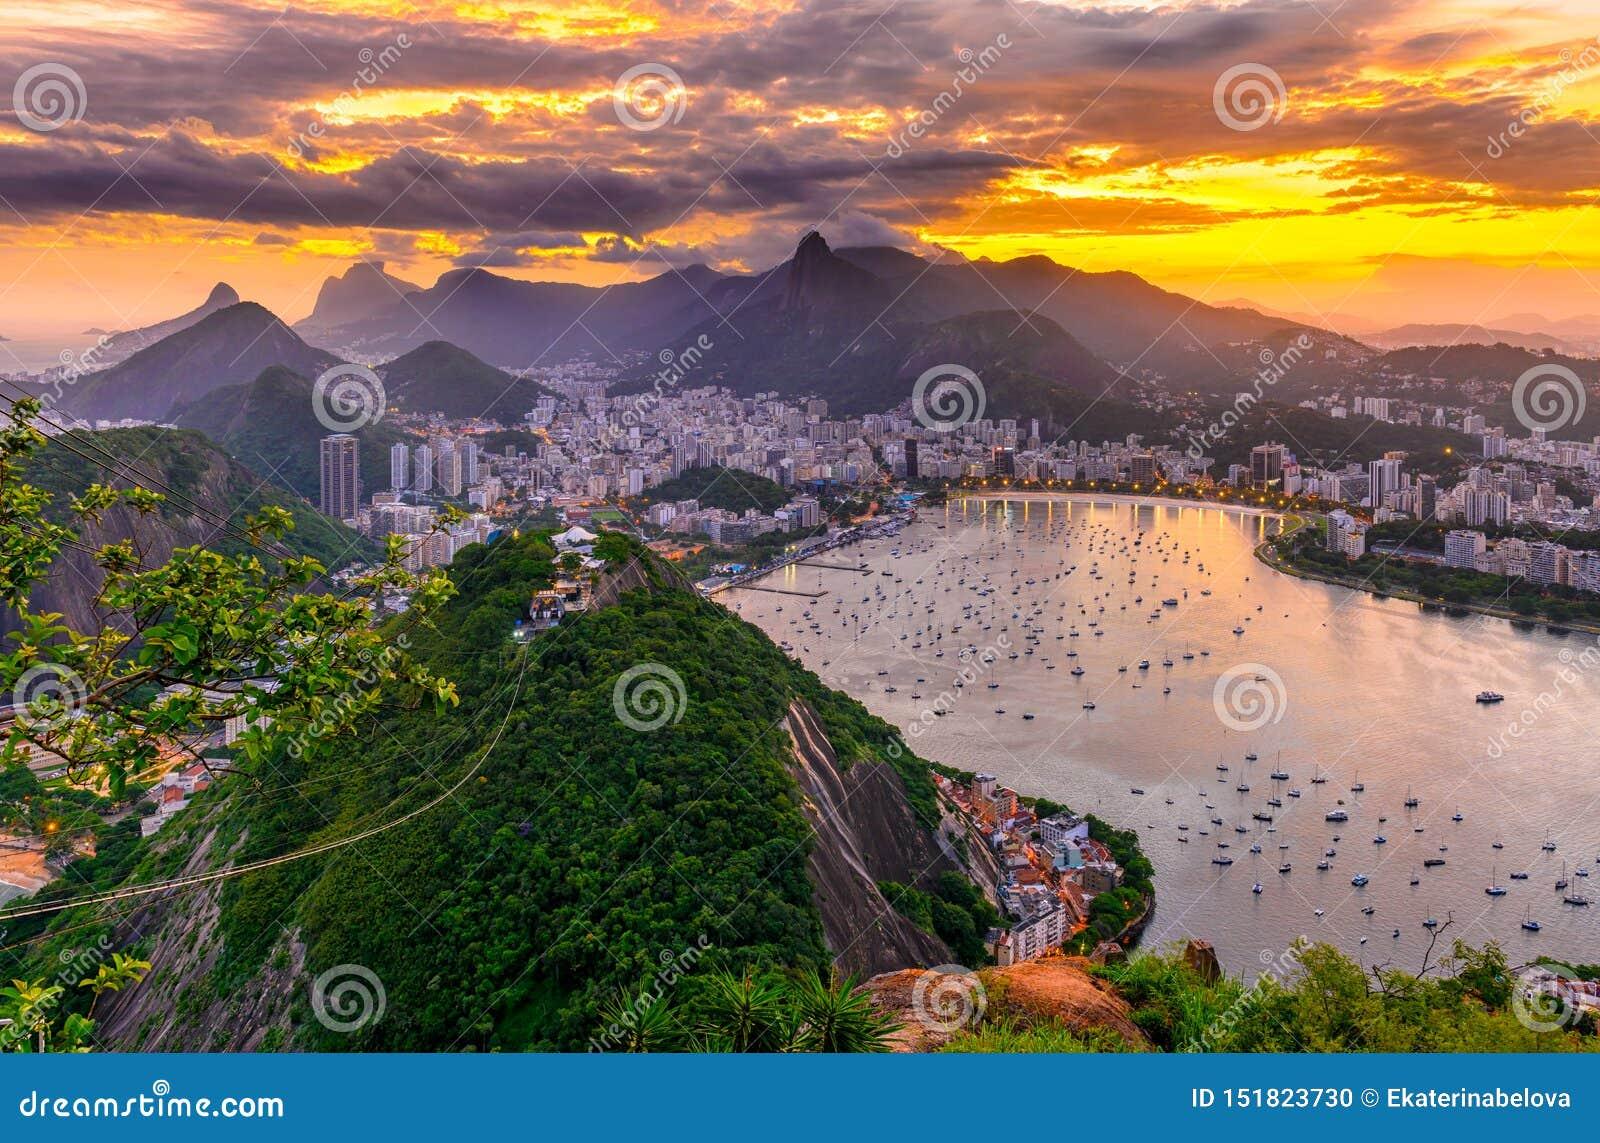 Corcovado, Botafogo and Guanabara bay in Rio de Janeiro. Brazil